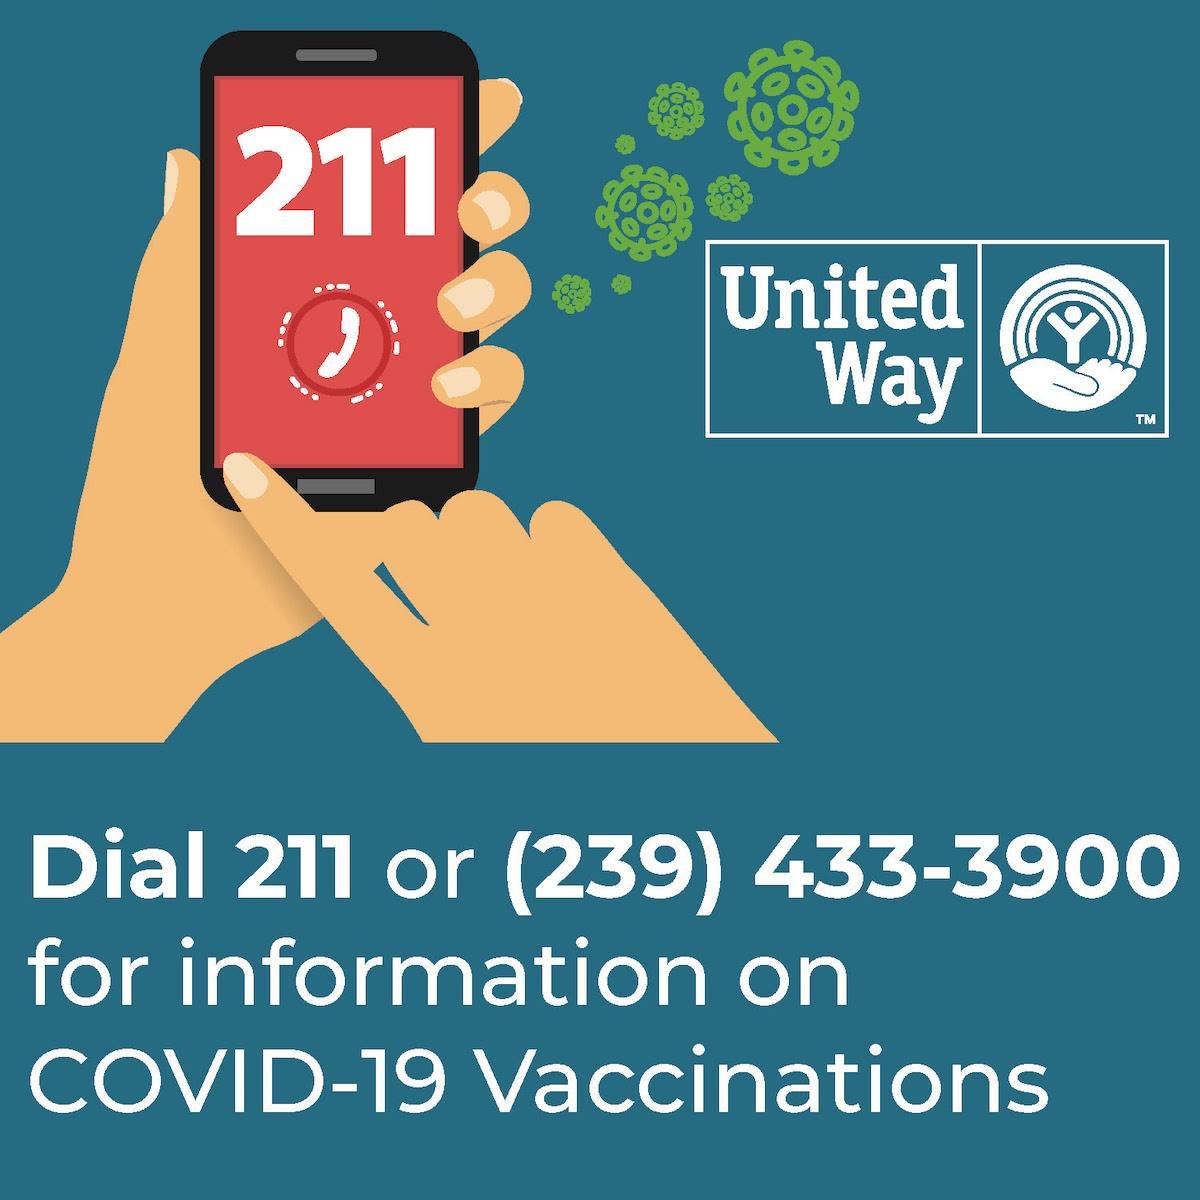 dial 211 covid vaccine update